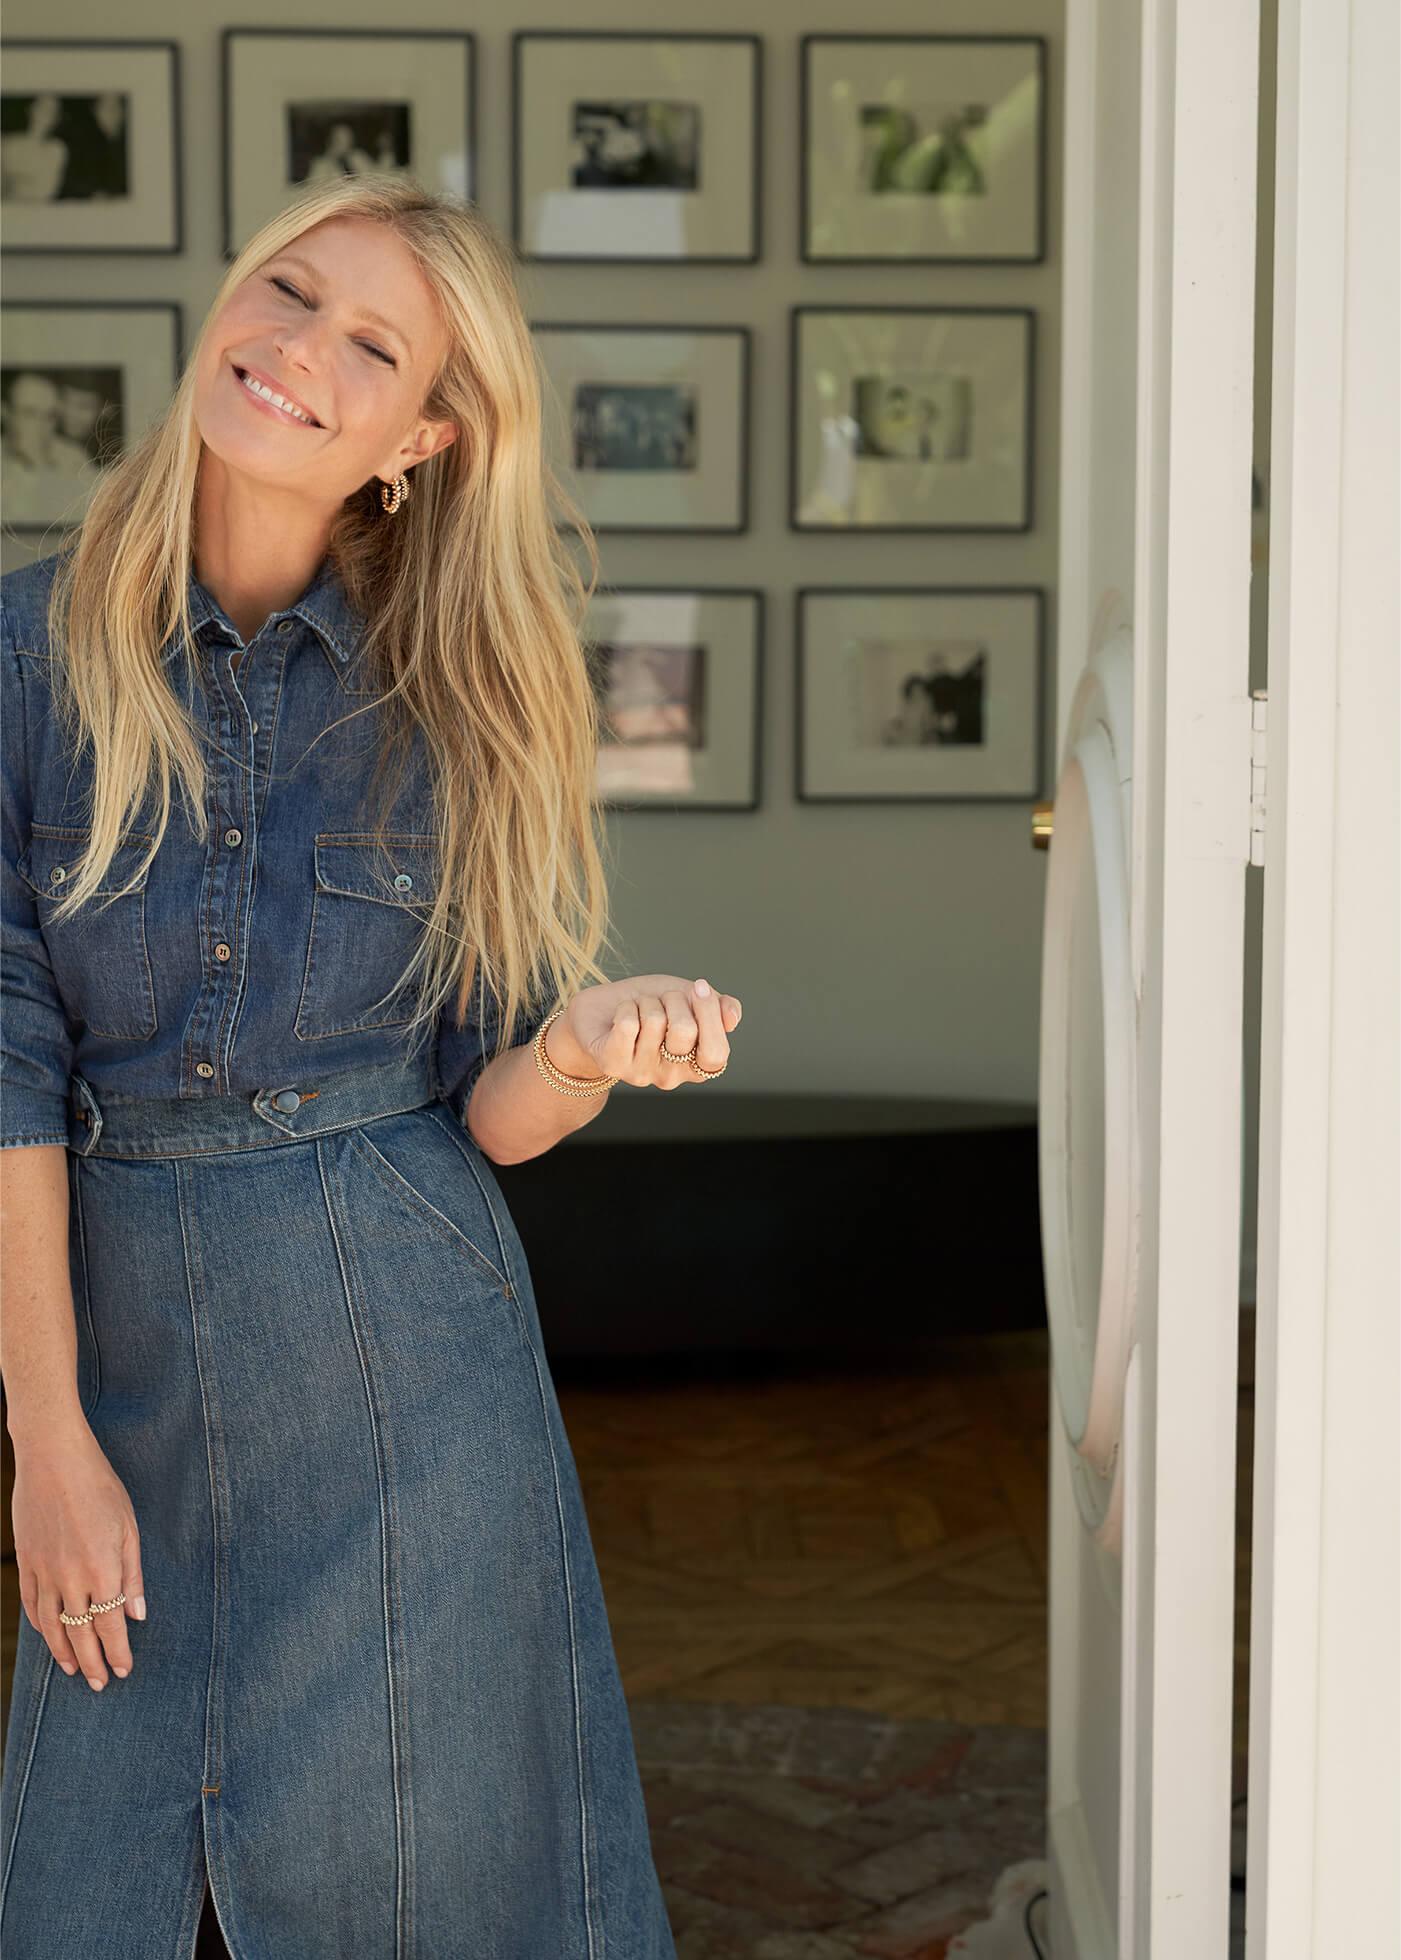 Gwyneth Paltrow with the Elise Denim Shirt